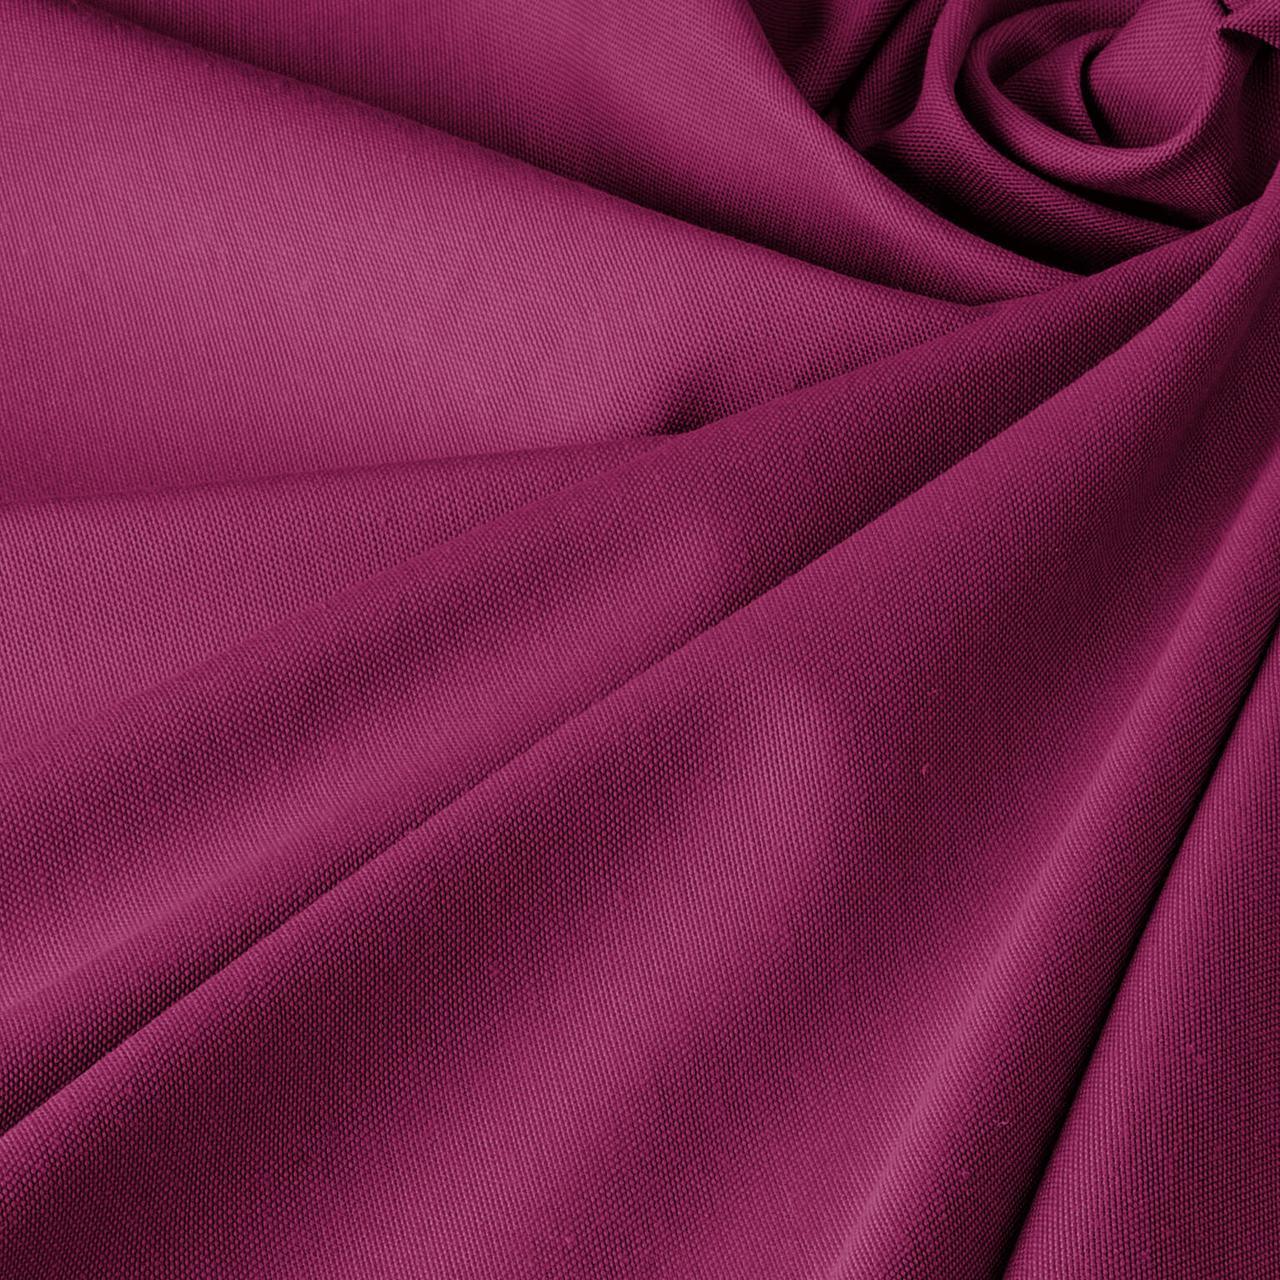 Ткань для штор и скатертей Teflon DRM v 4124